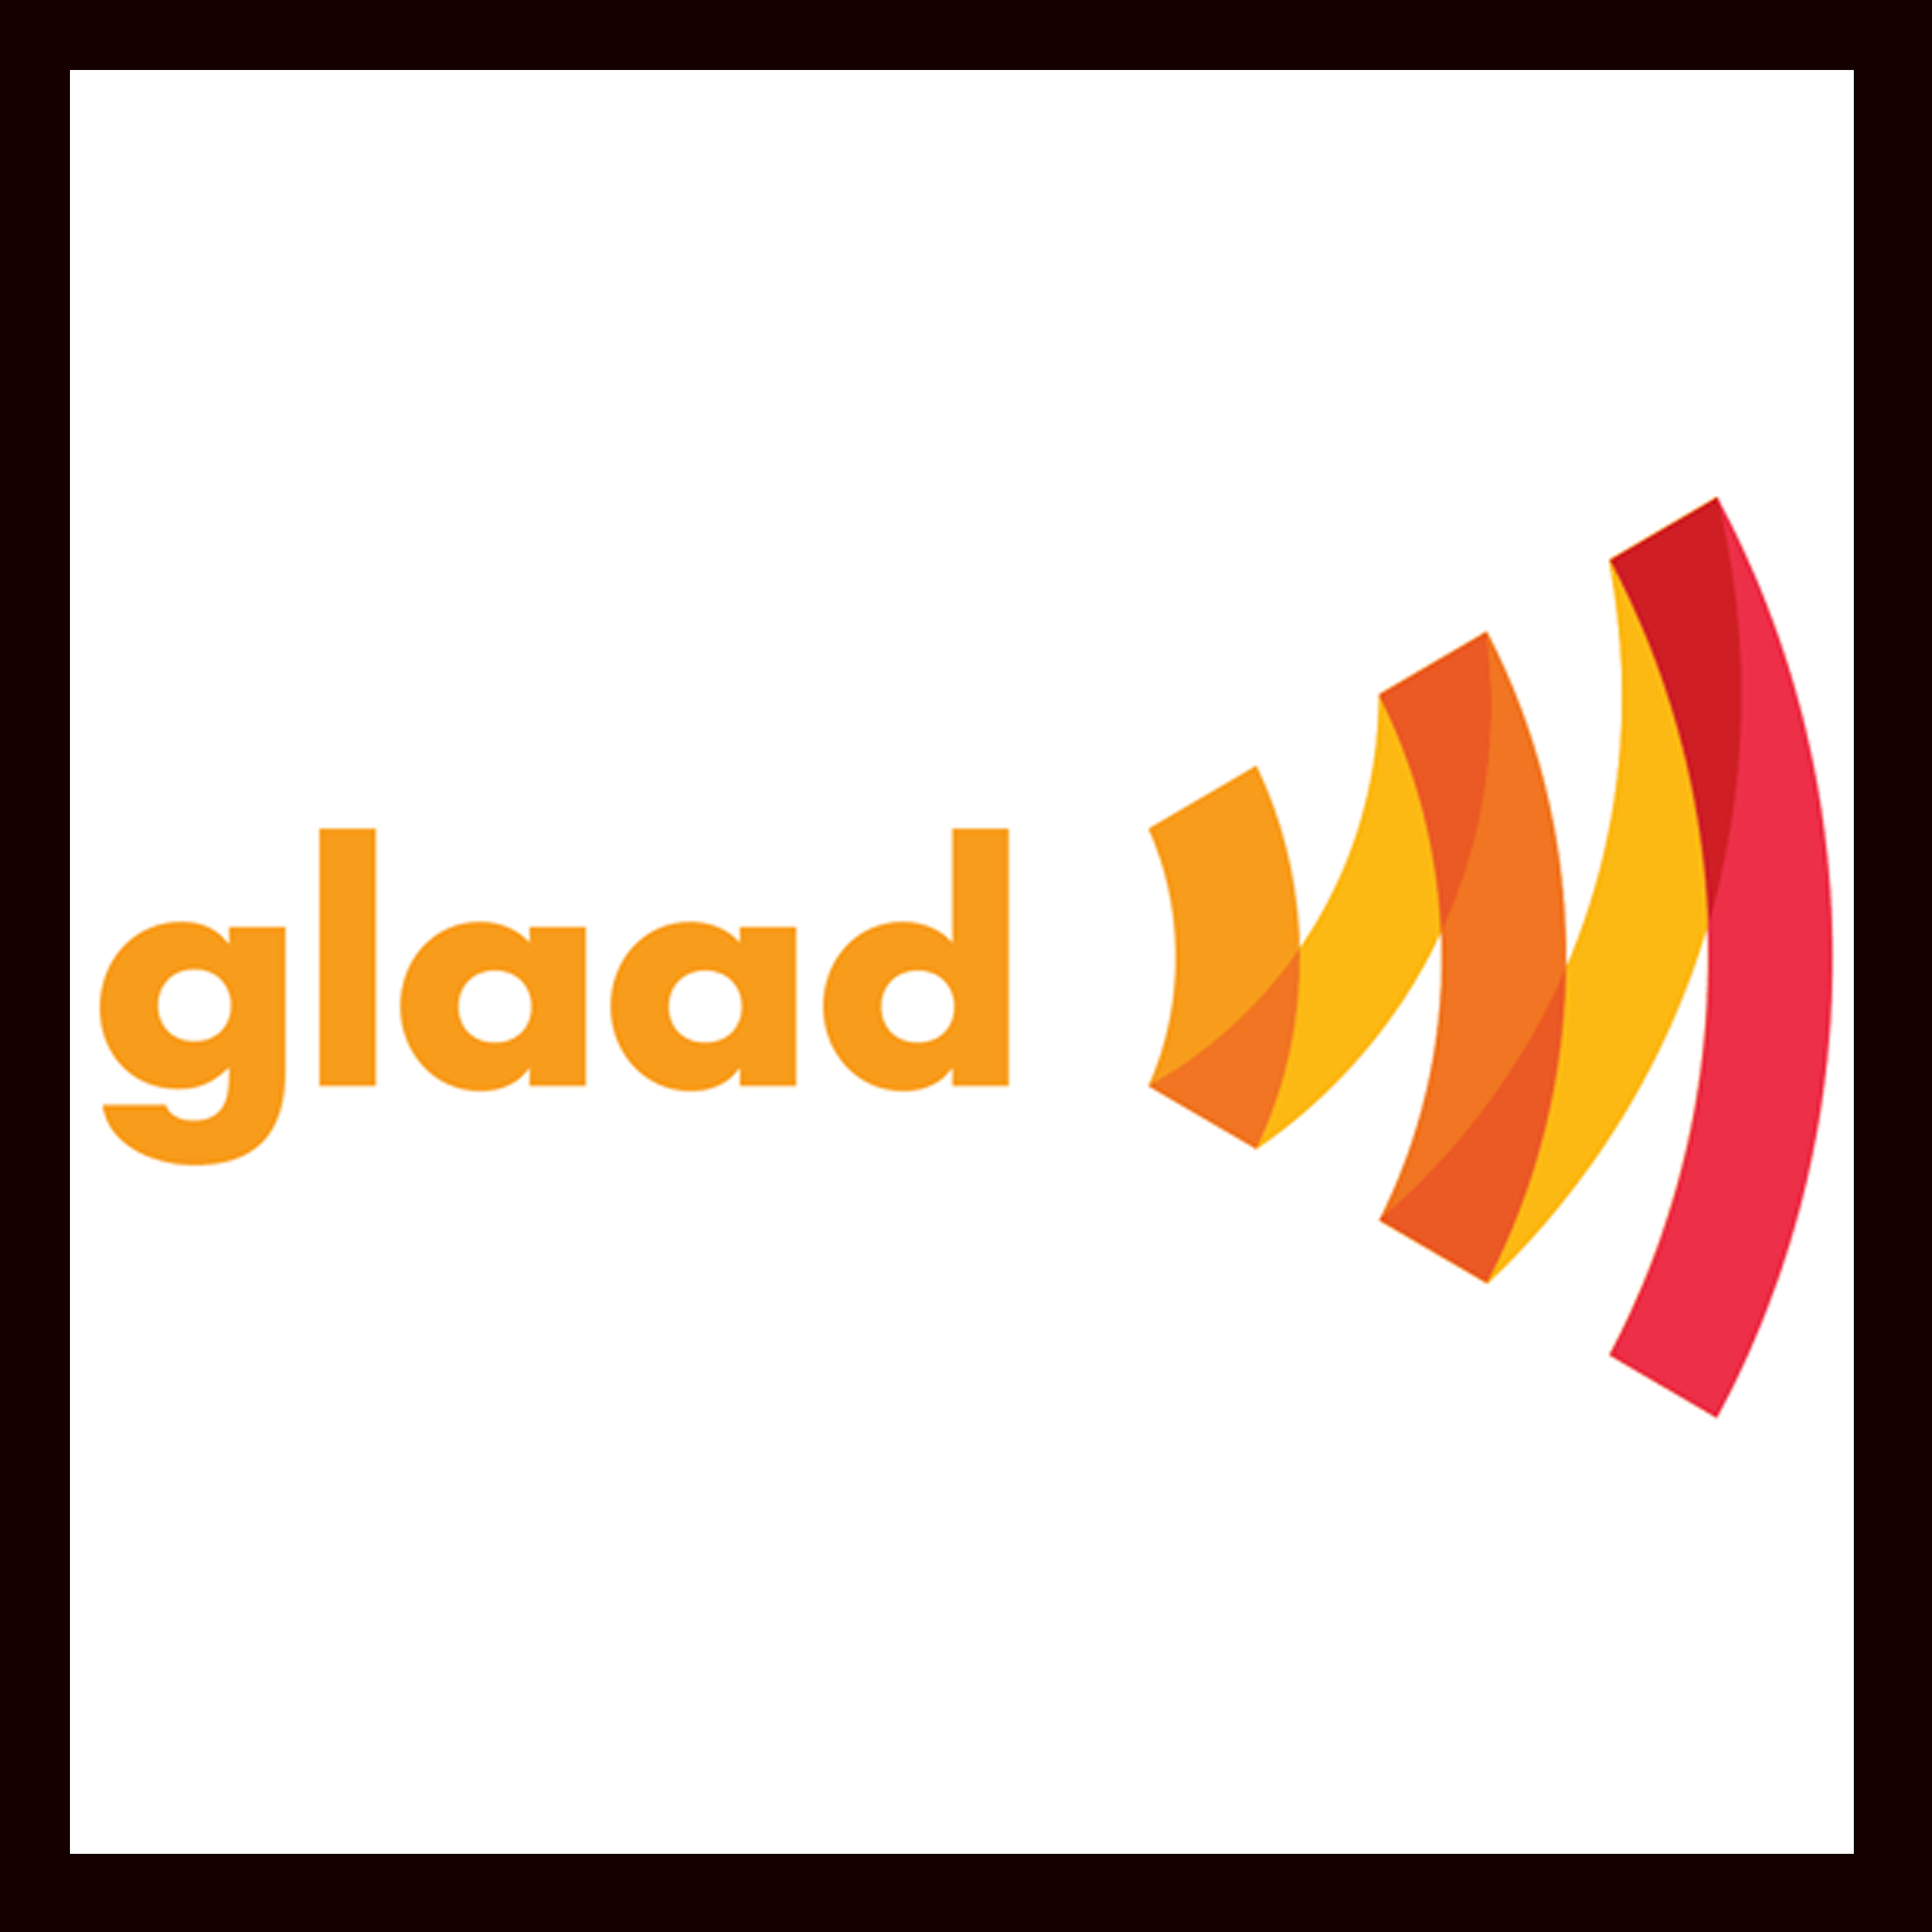 GLAAD Non-governmental organization